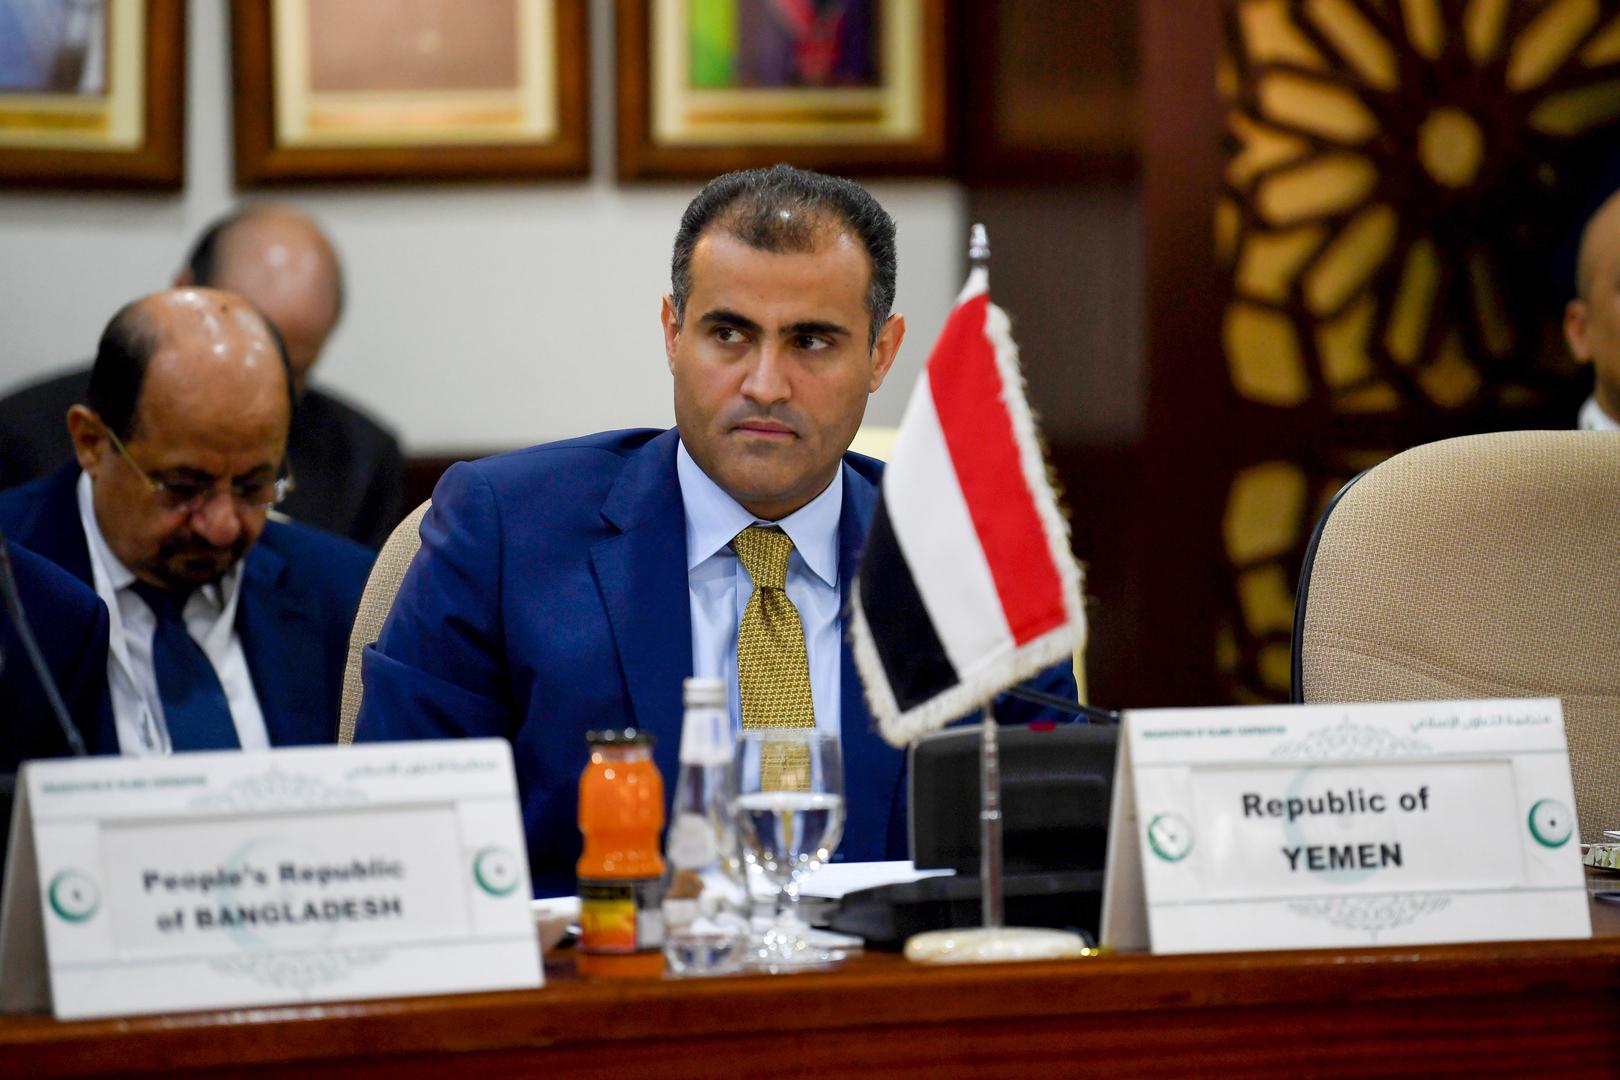 وزير الخارجية اليمني: لا تطبيع مع إسرائيل إلا بإعادة الحقوق للفلسطينيين